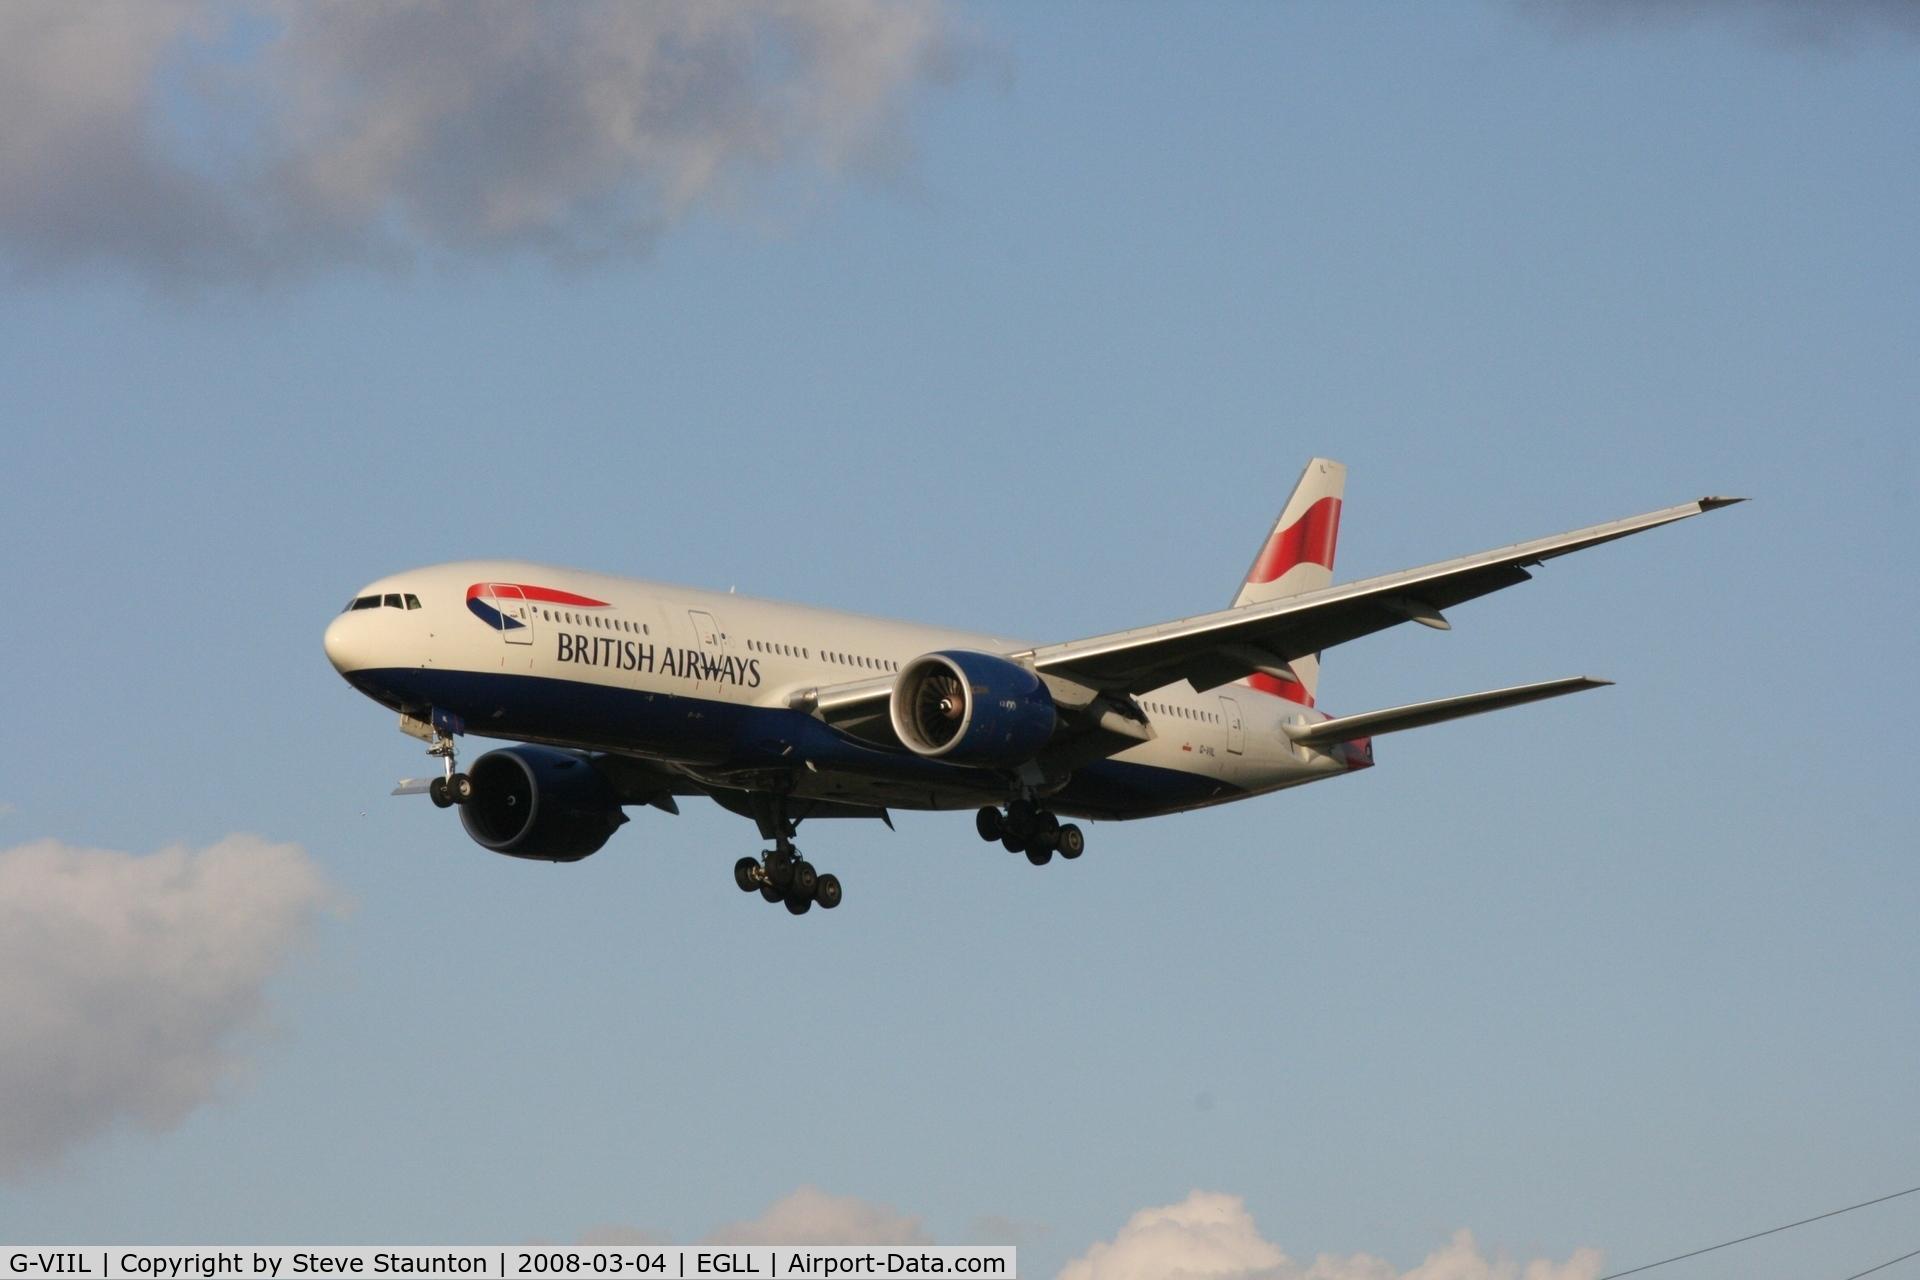 G-VIIL, 1998 Boeing 777-236/ER C/N 27493, Taken at Heathrow Airport March 2008